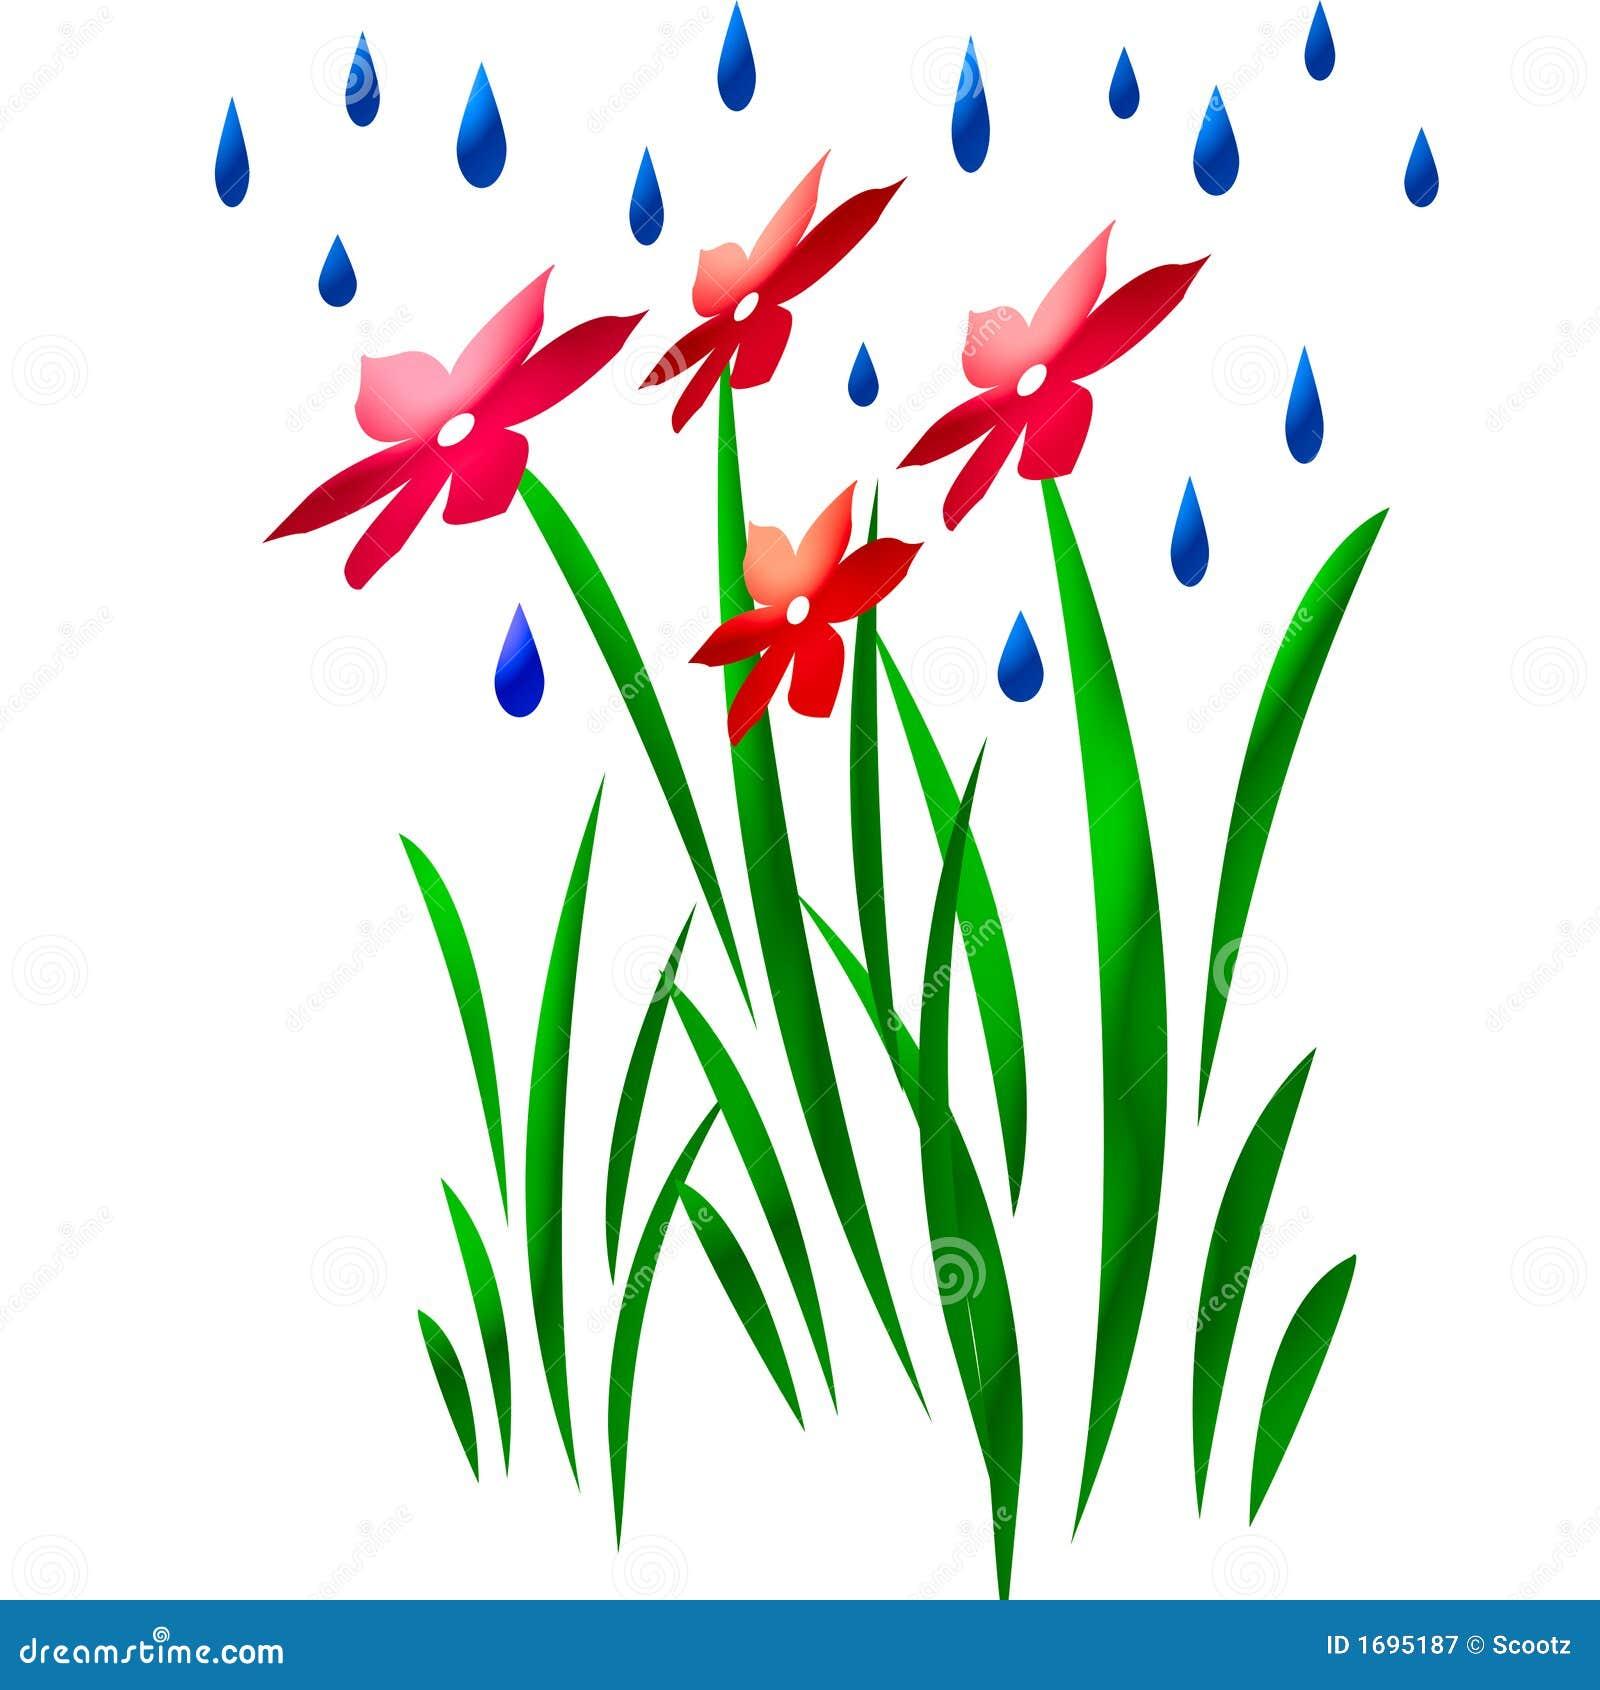 Rain Falling Clip Art